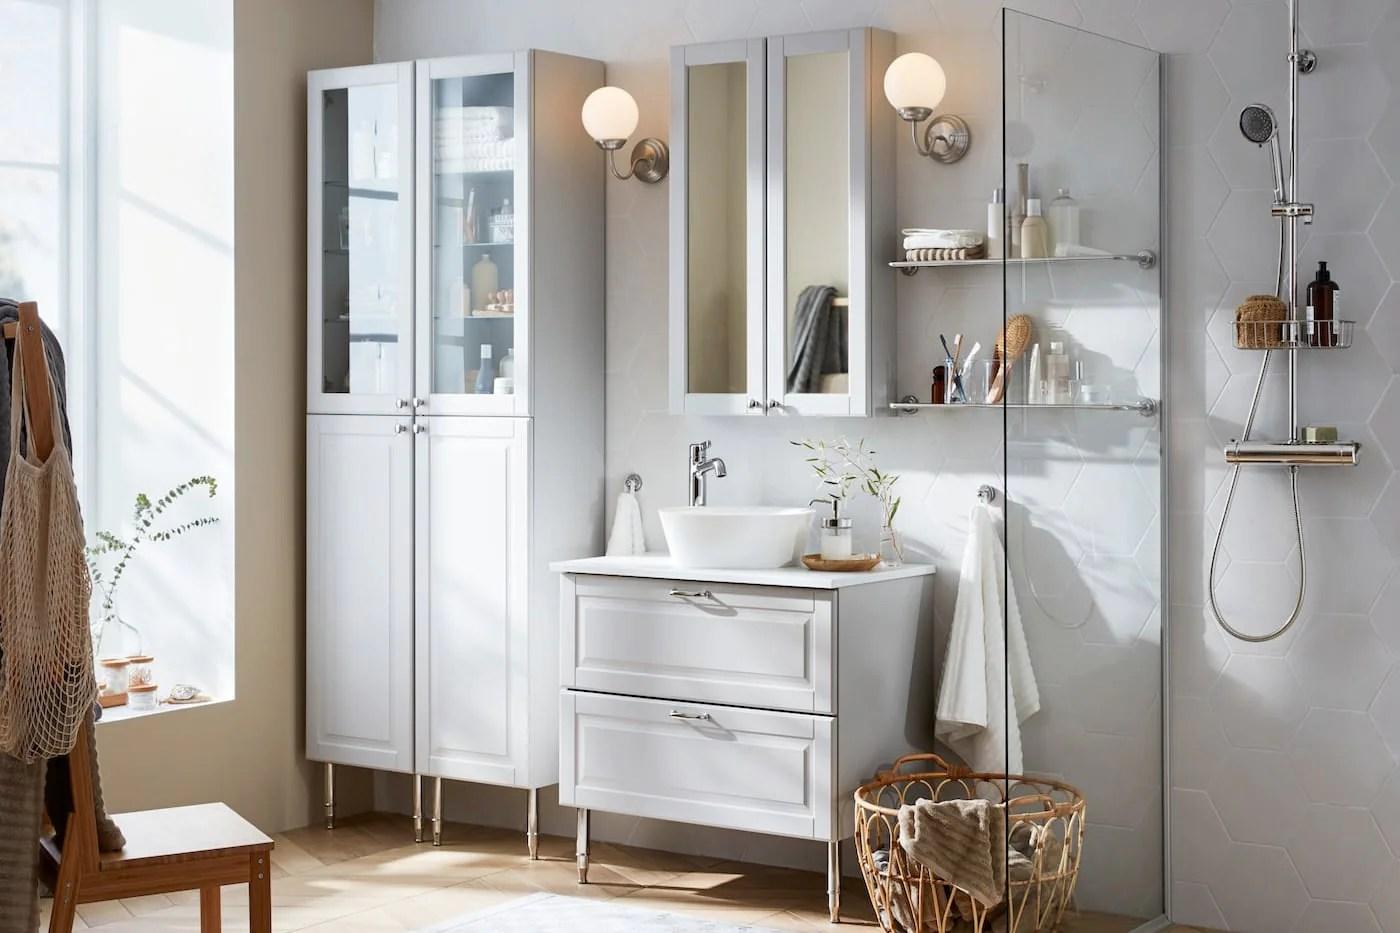 Ikea badmöbel einbauen ikea seifenspender küche welche